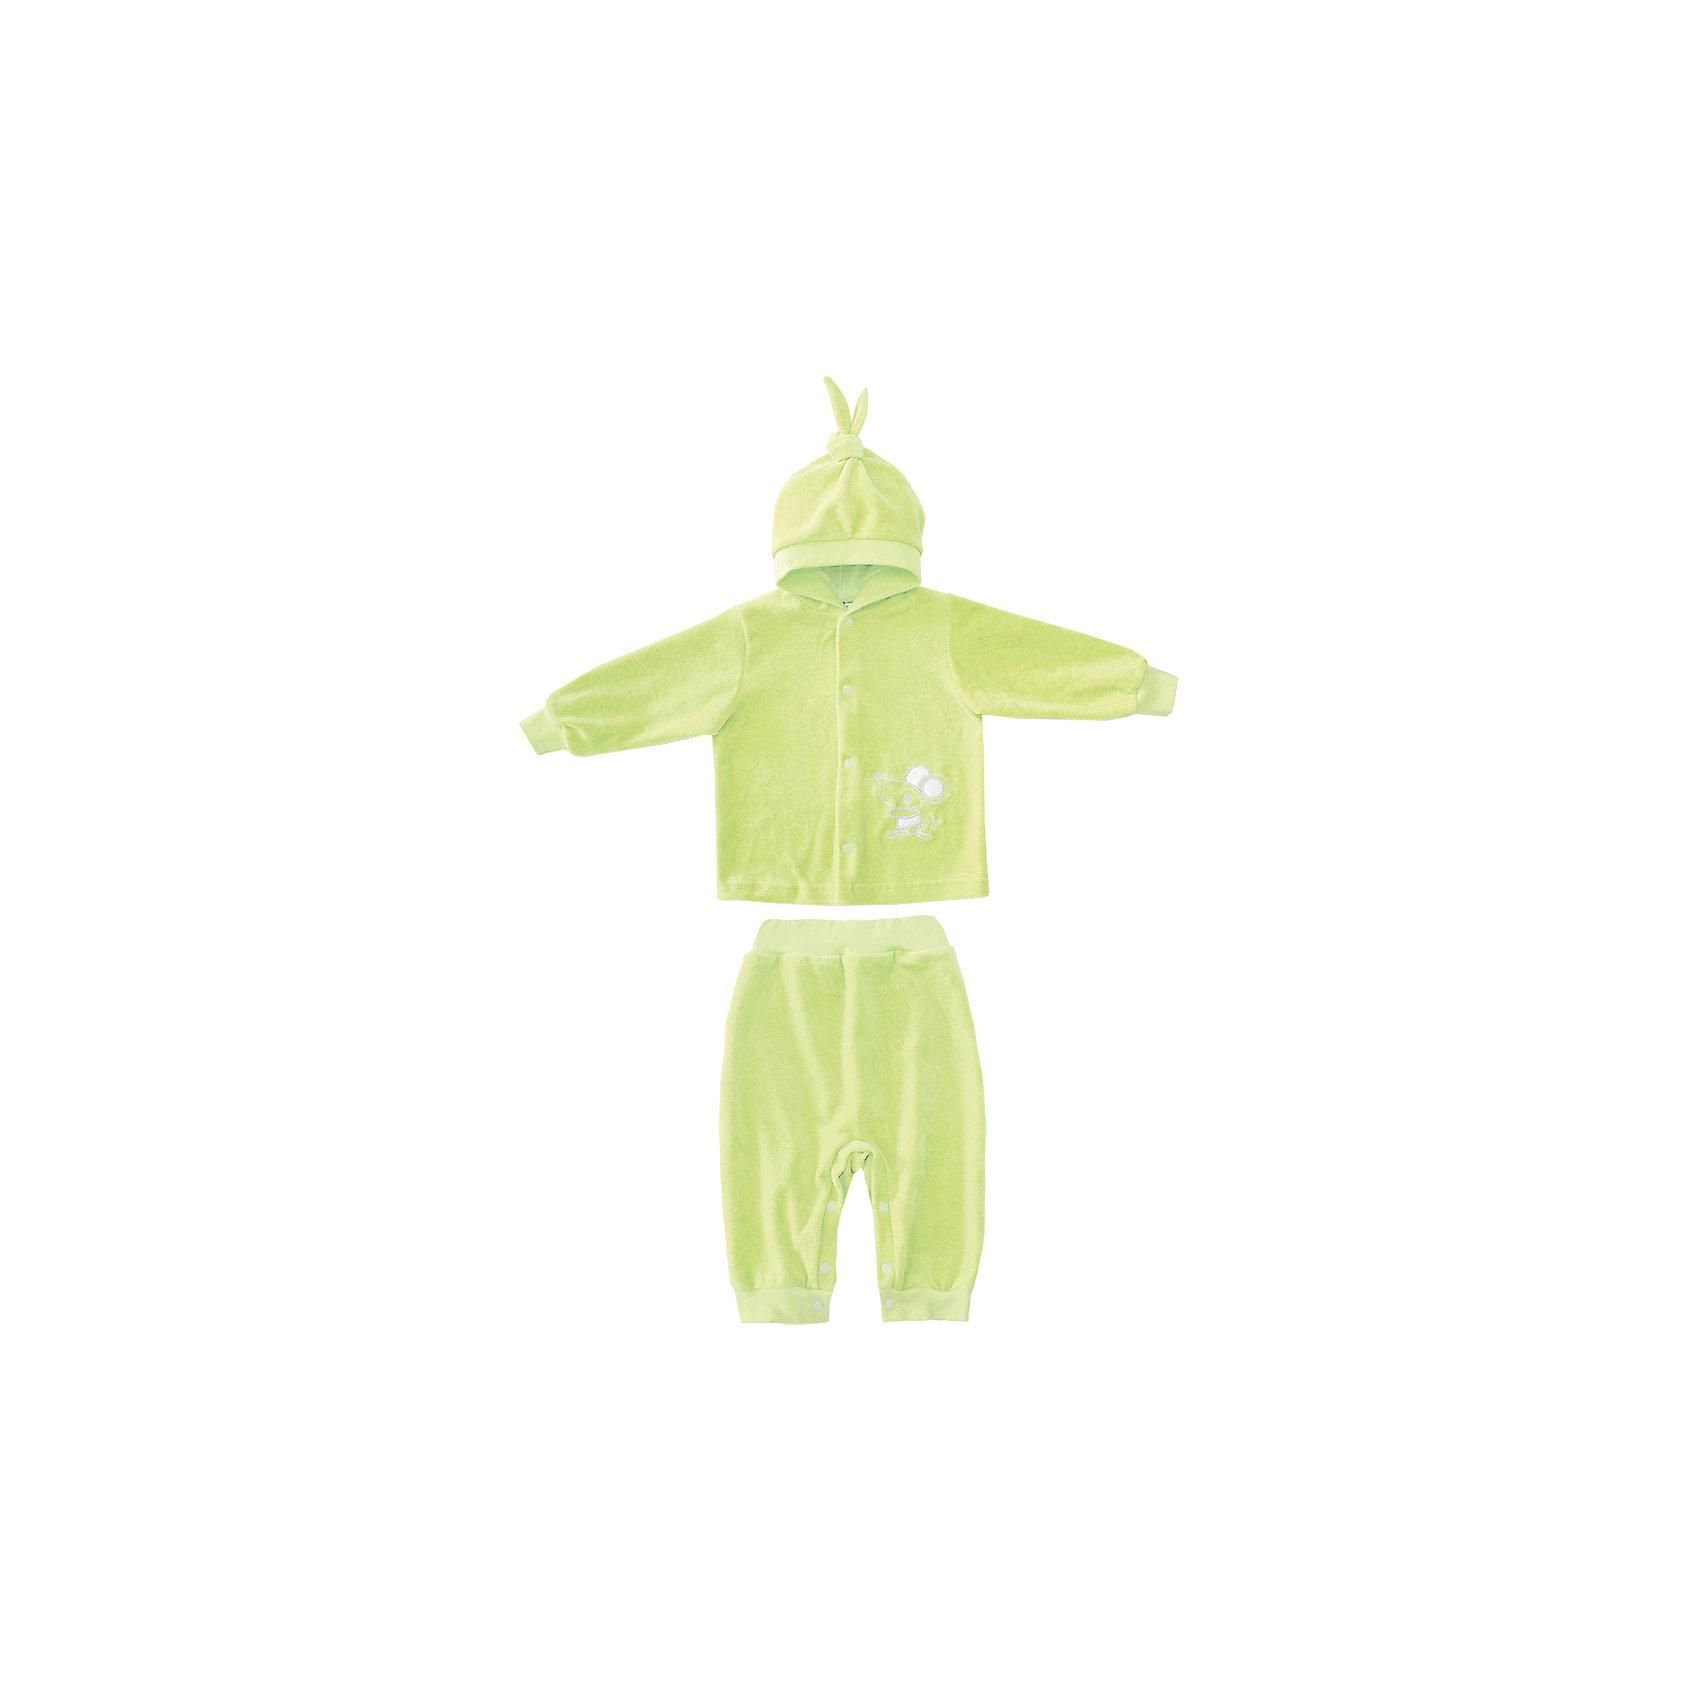 Комплект: толстовка и брюки КотМарКотКомплект: толстовка и брюки от российской марки КотМарКот.<br>Замечательный велюровый костюм, состоящий из толстовки и брюк. Толстовка с капюшоном и застежкой на кнопки. Изделие декорировано забавной аппликацией. Брюки на эластичном поясе.<br>Состав:<br>80% хлопок, 20% ПЭ<br><br>Ширина мм: 157<br>Глубина мм: 13<br>Высота мм: 119<br>Вес г: 200<br>Цвет: зеленый<br>Возраст от месяцев: 48<br>Возраст до месяцев: 48<br>Пол: Унисекс<br>Возраст: Детский<br>Размер: 104,98,74,92,86,80<br>SKU: 4121898